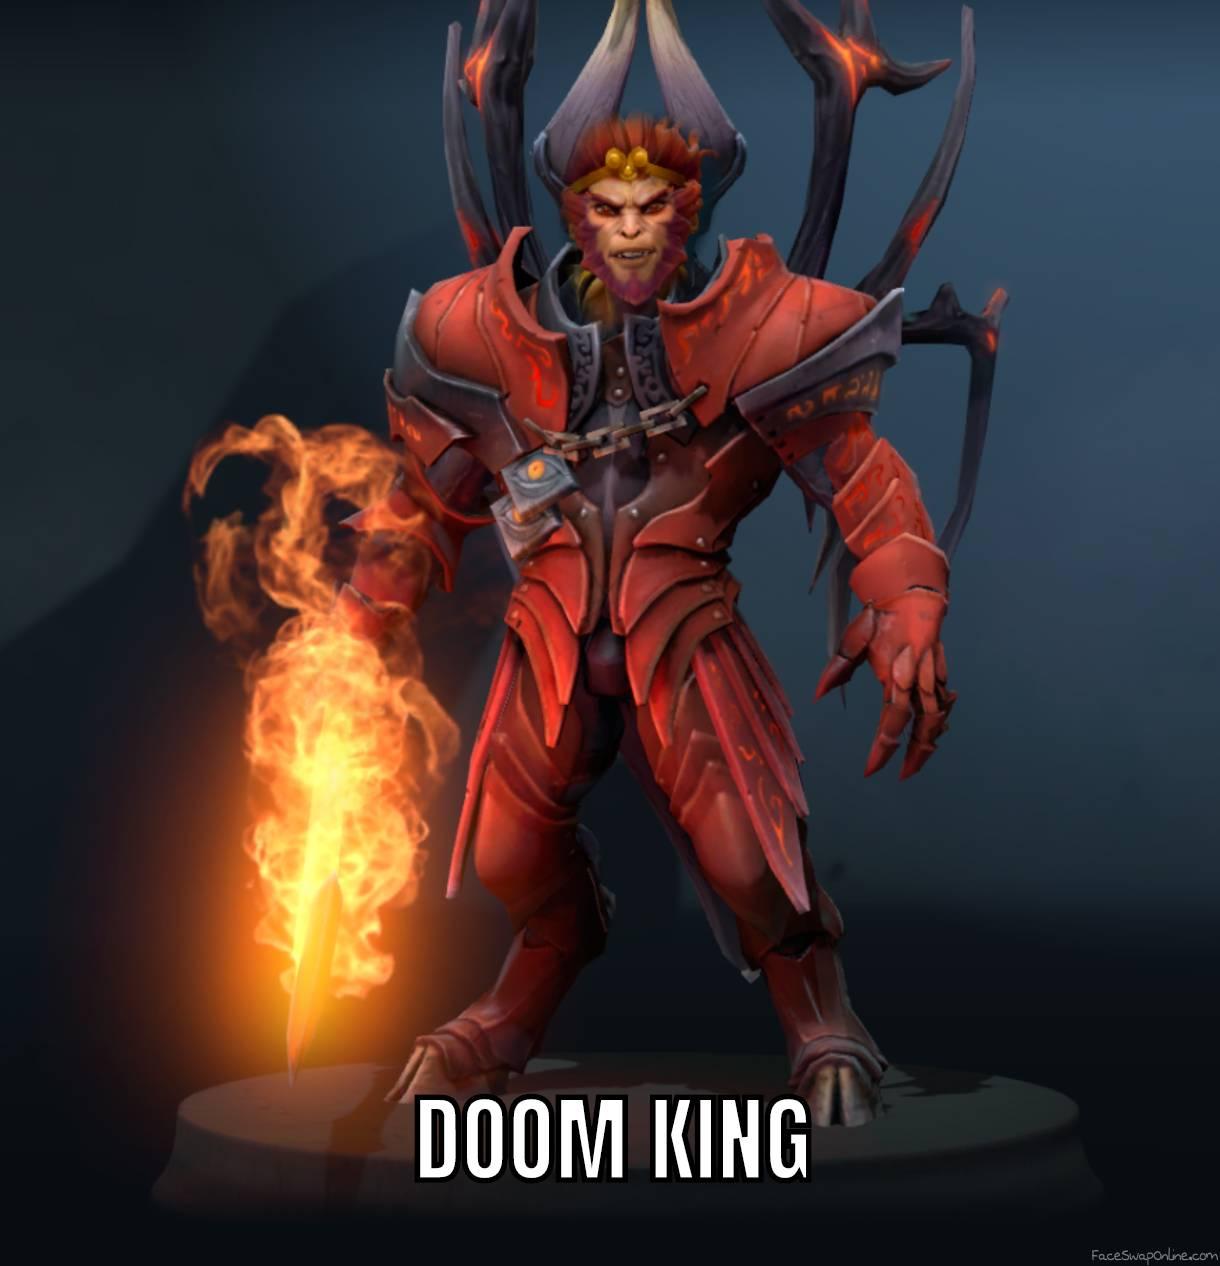 Monkey King + Doom